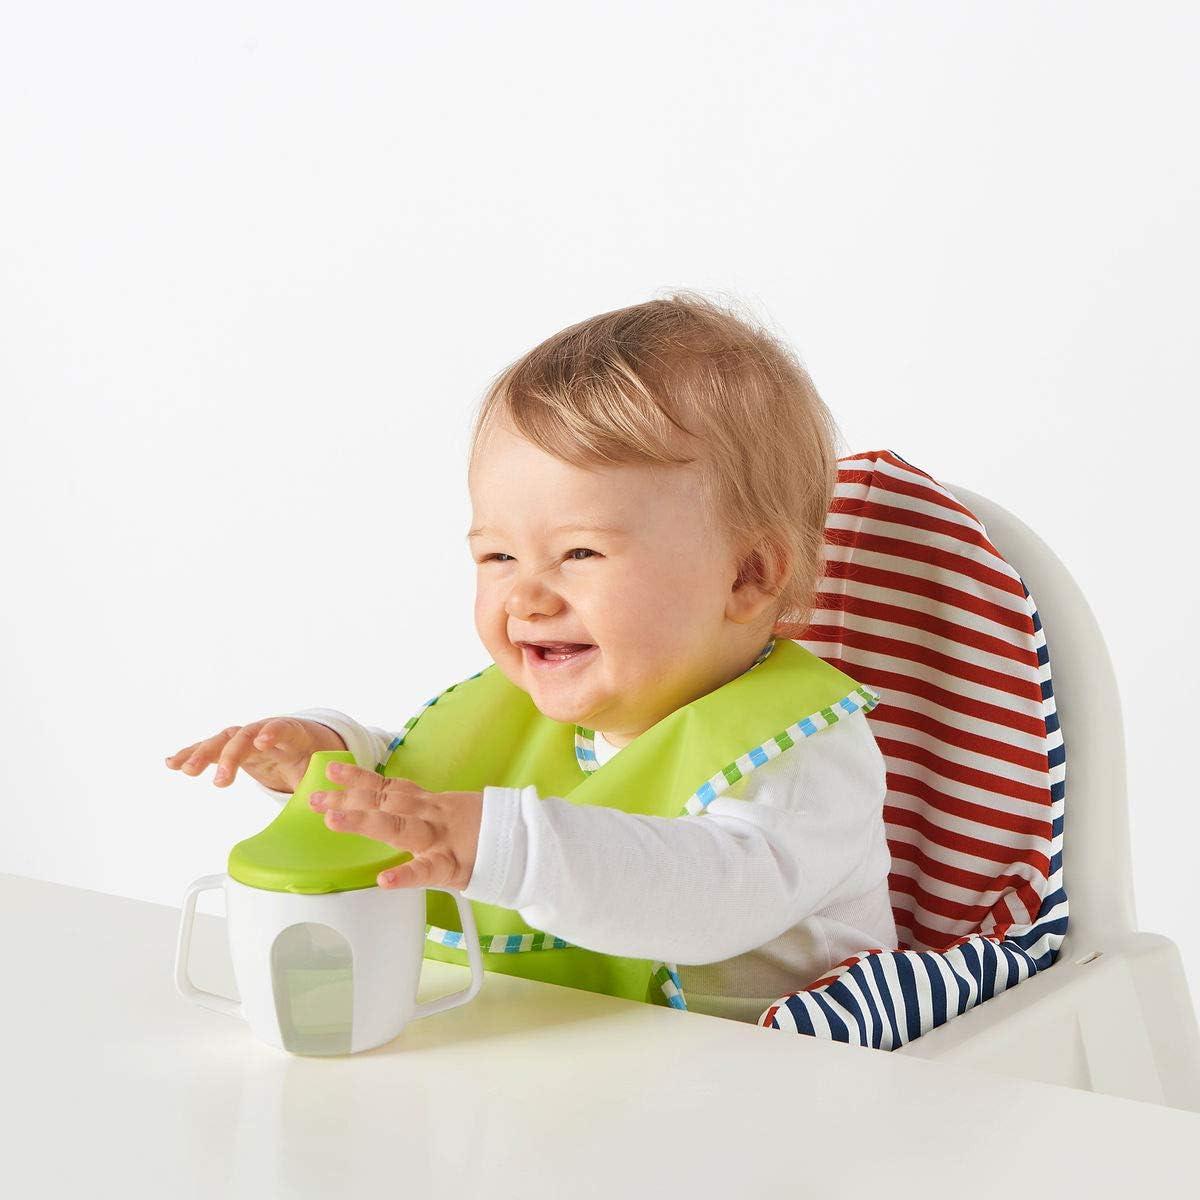 Ikea 202.138.83 B/ÖRJA Gobelet dapprentissage avec couvercle pour enfant